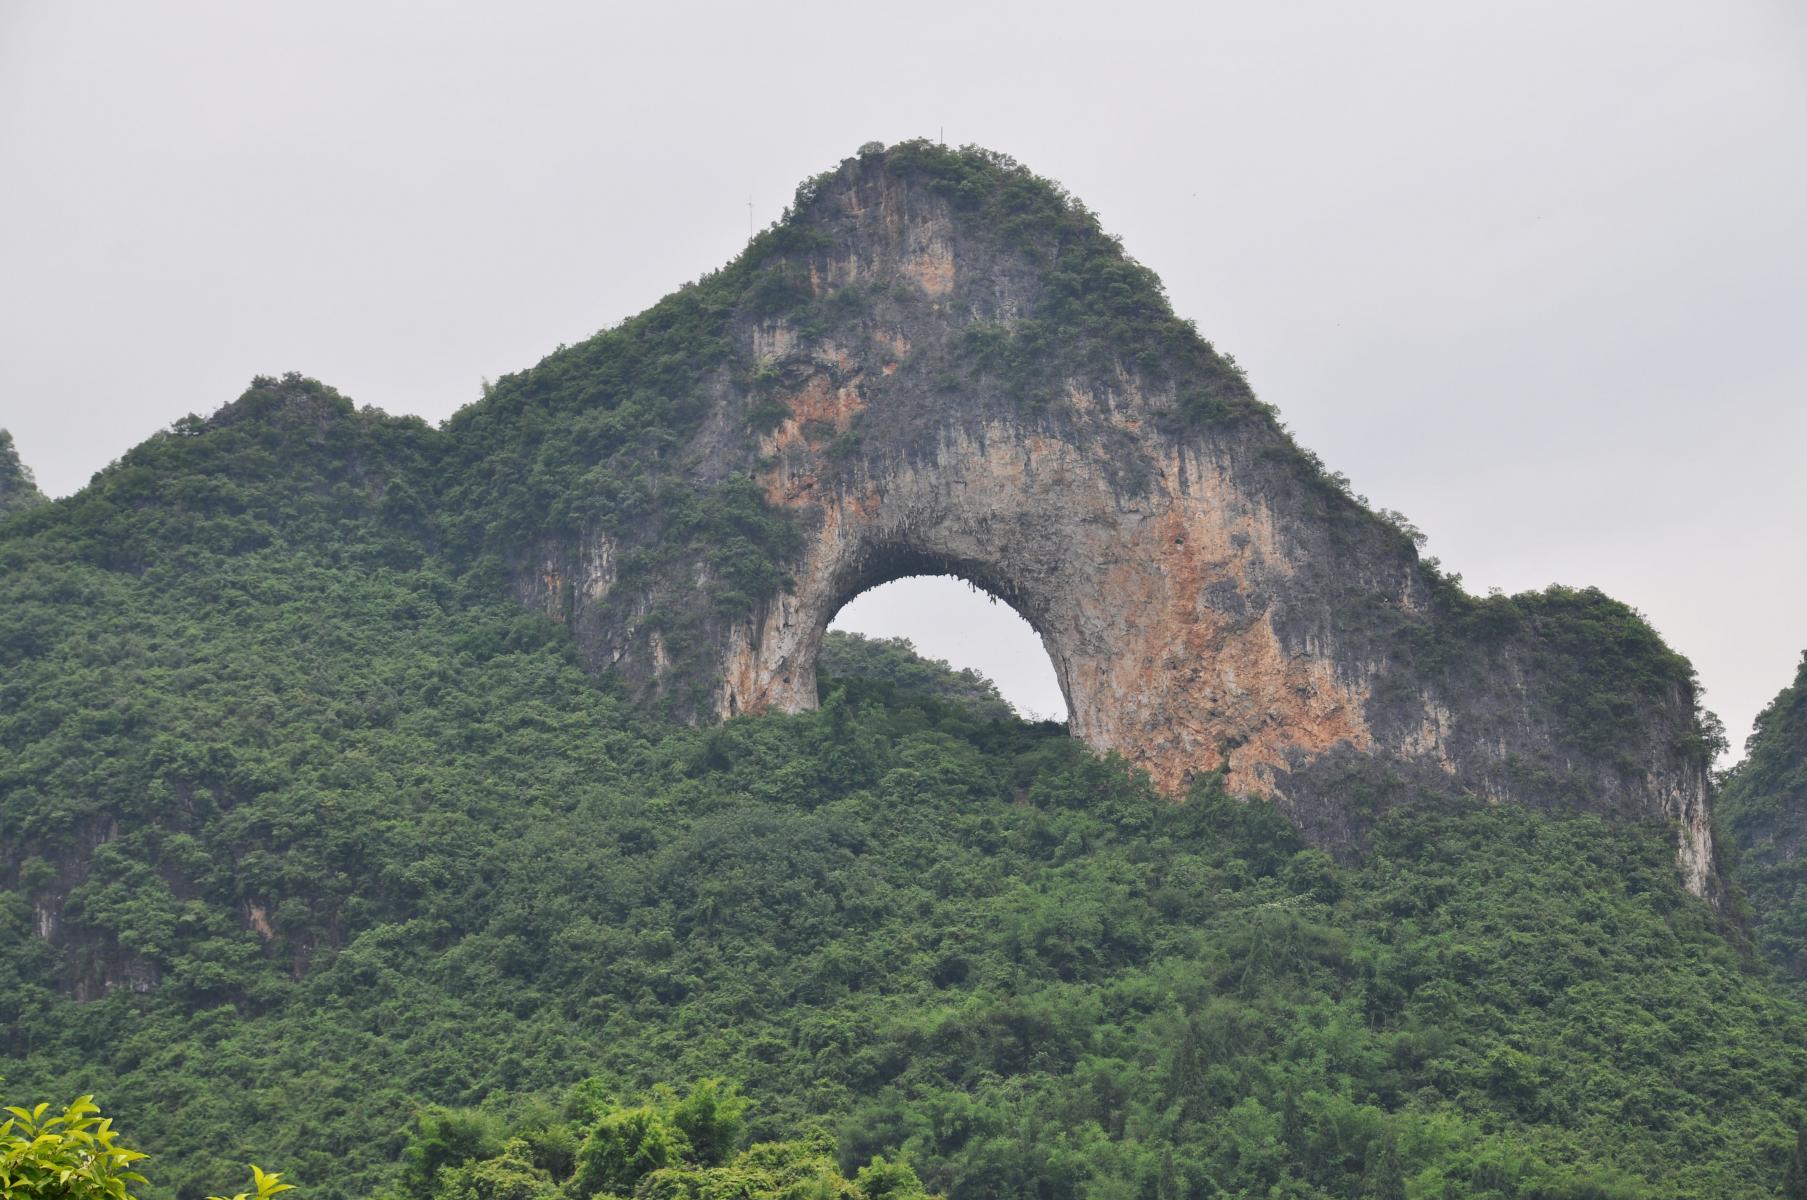 Yueliang Shan